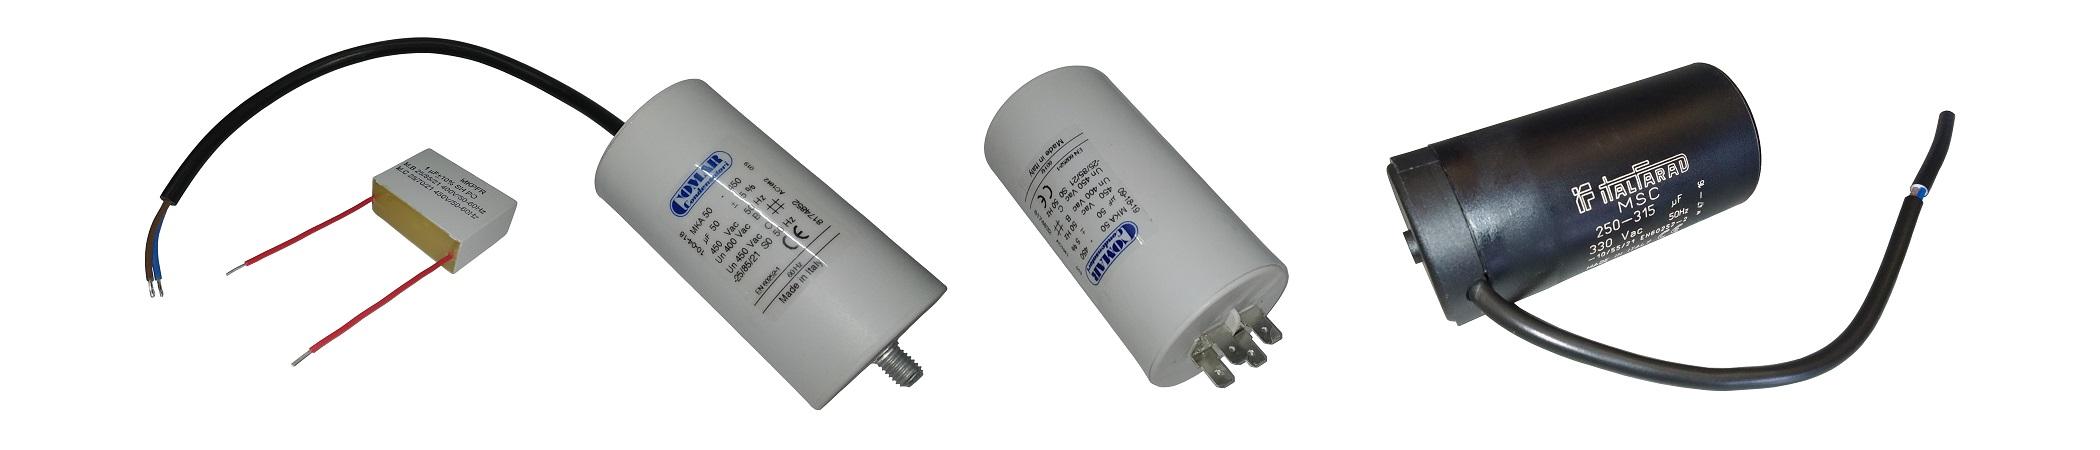 Kondensatory rozruchowe, kondensatory na przewód, kondensatory przedziałowe, kondensator silnika elektrycznego